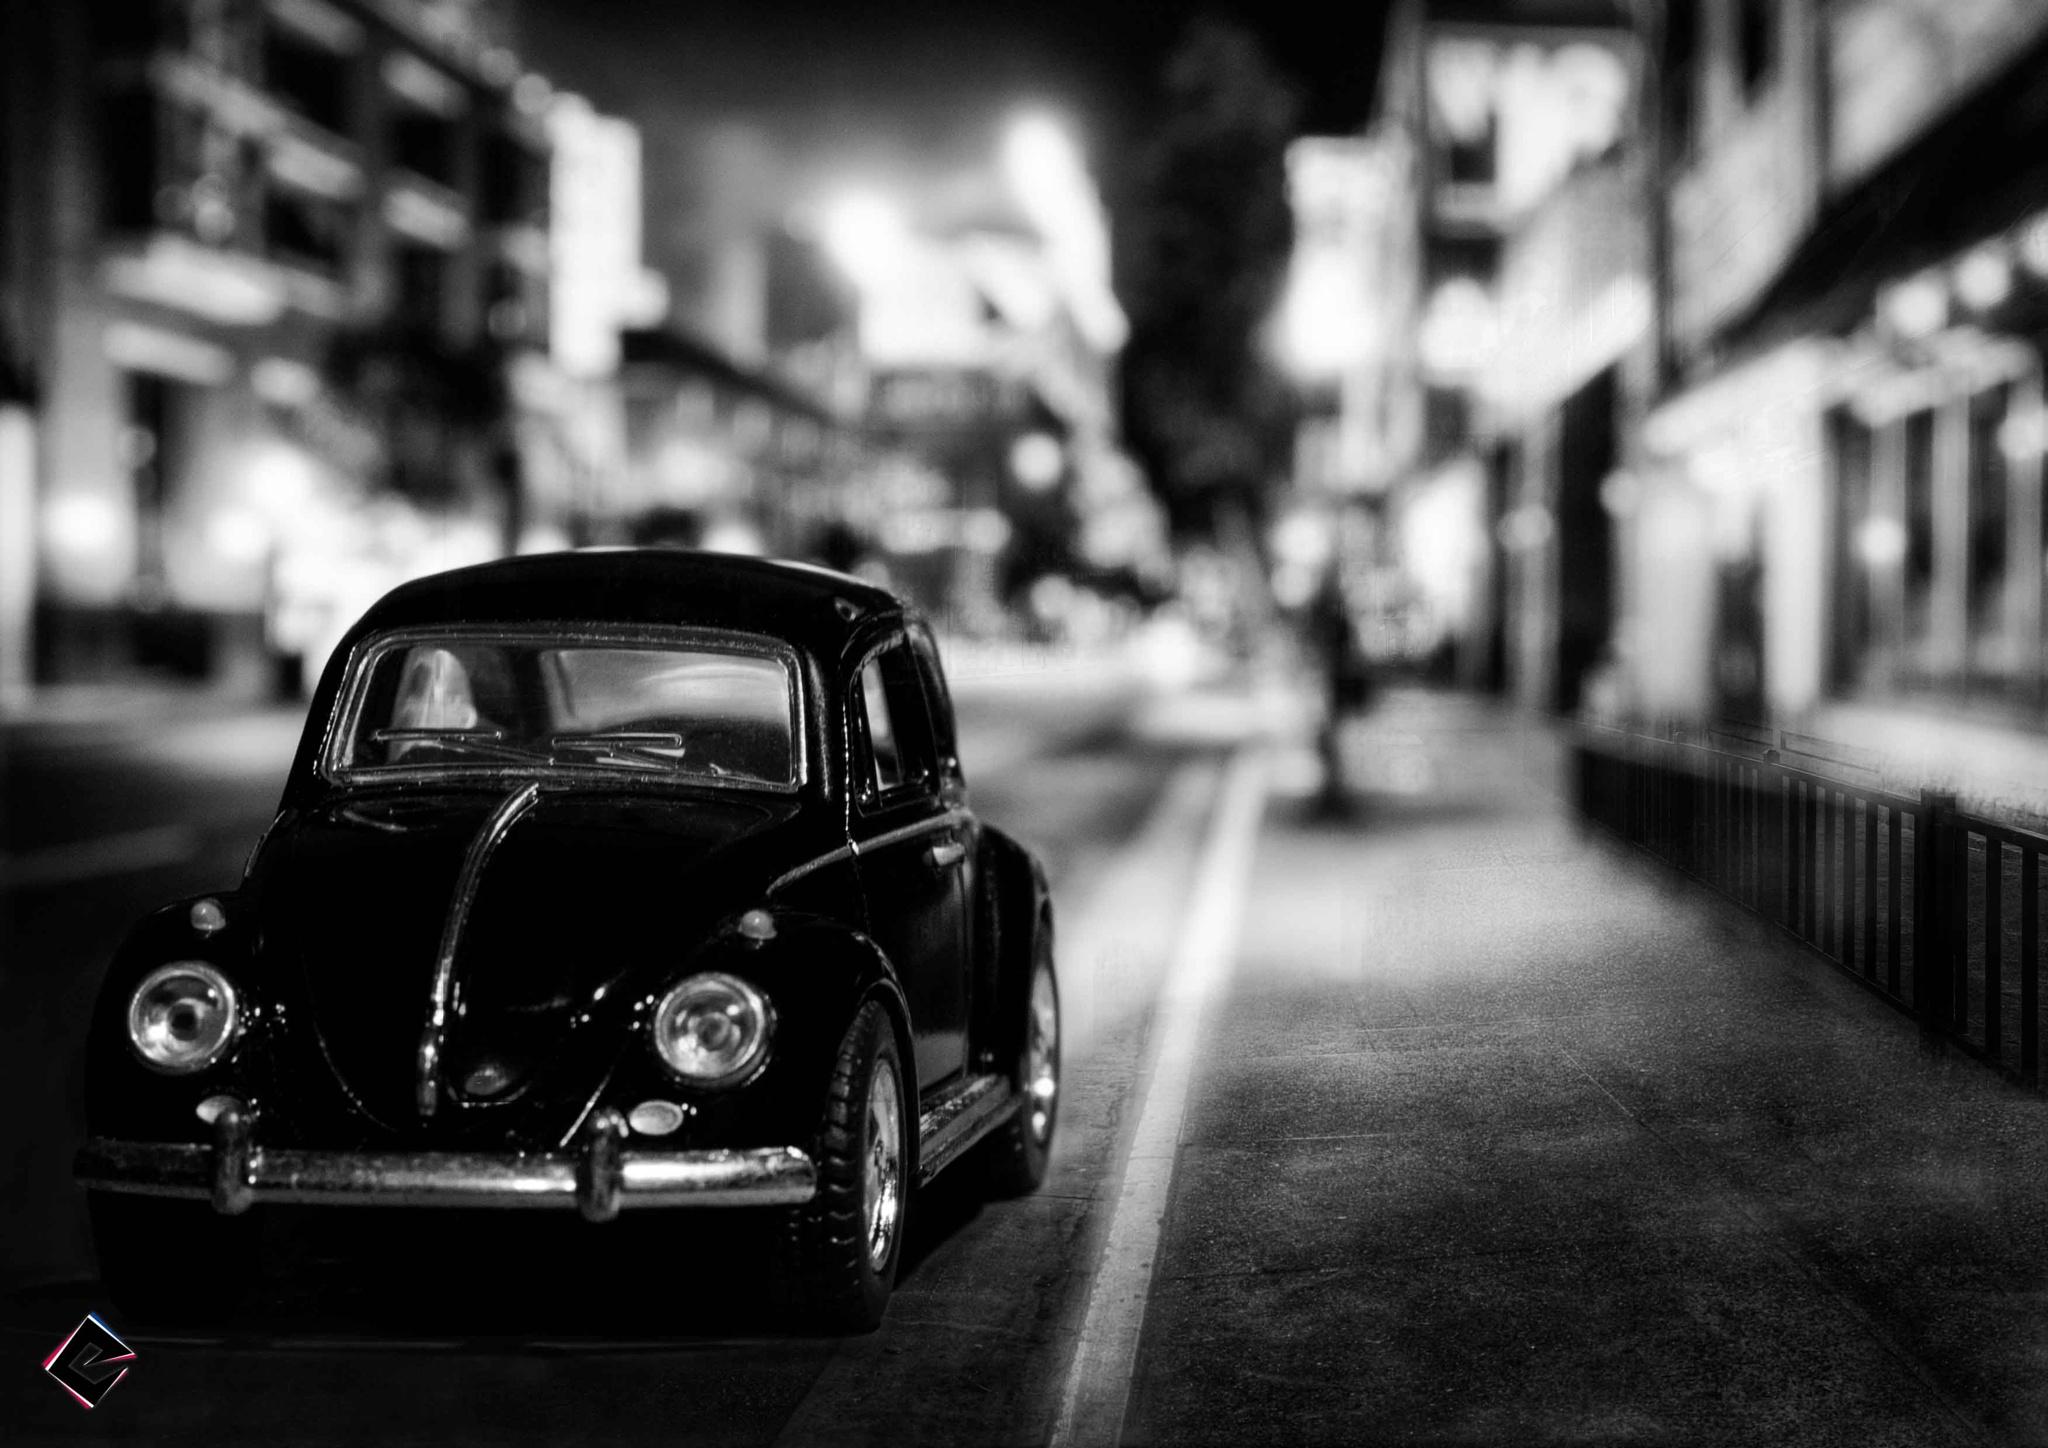 Volkswagen by ElhamKhaleghi